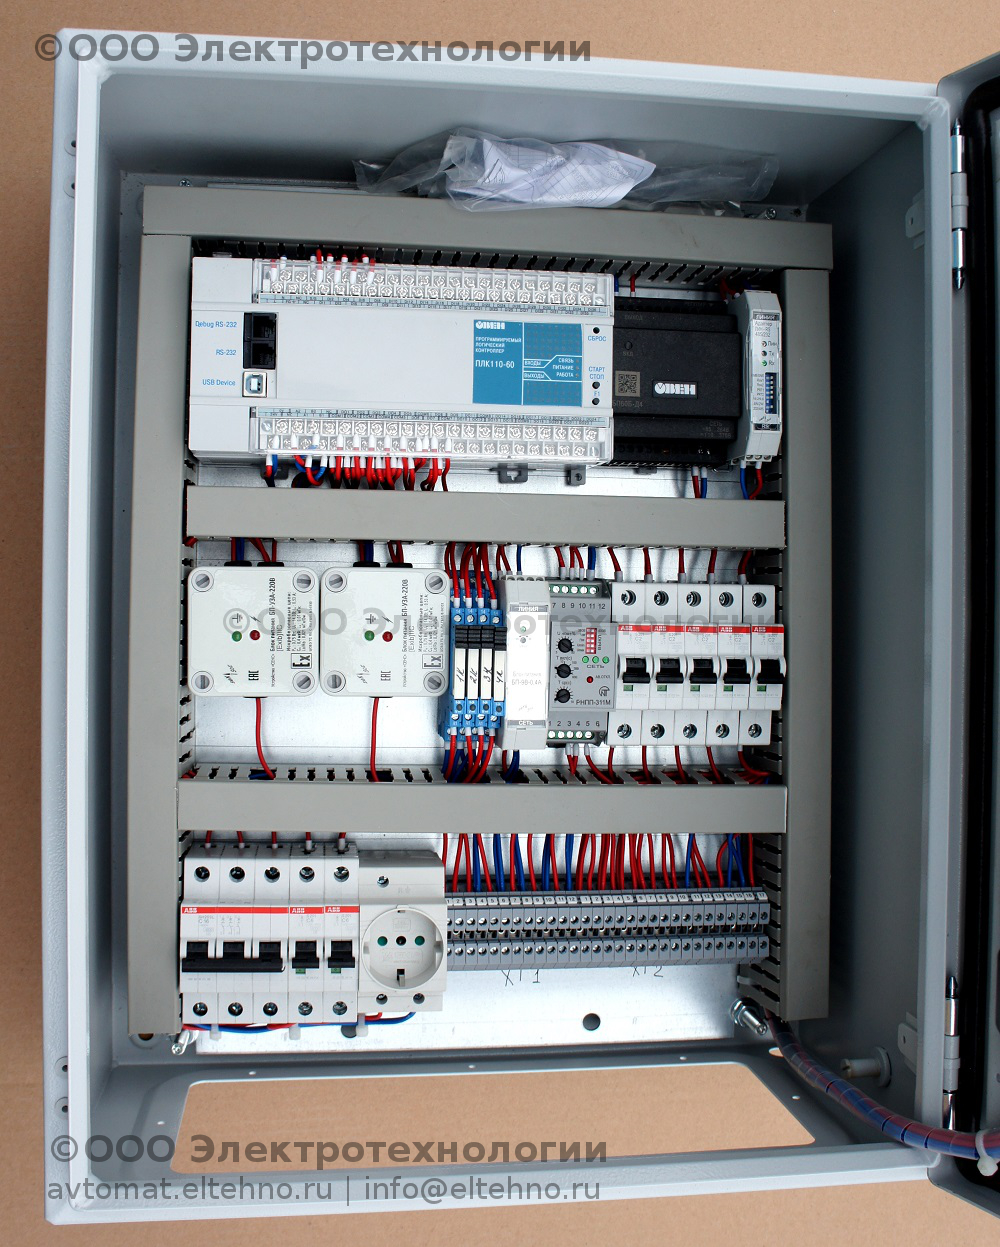 Начинка щита 3 системы автоматизации ГНС